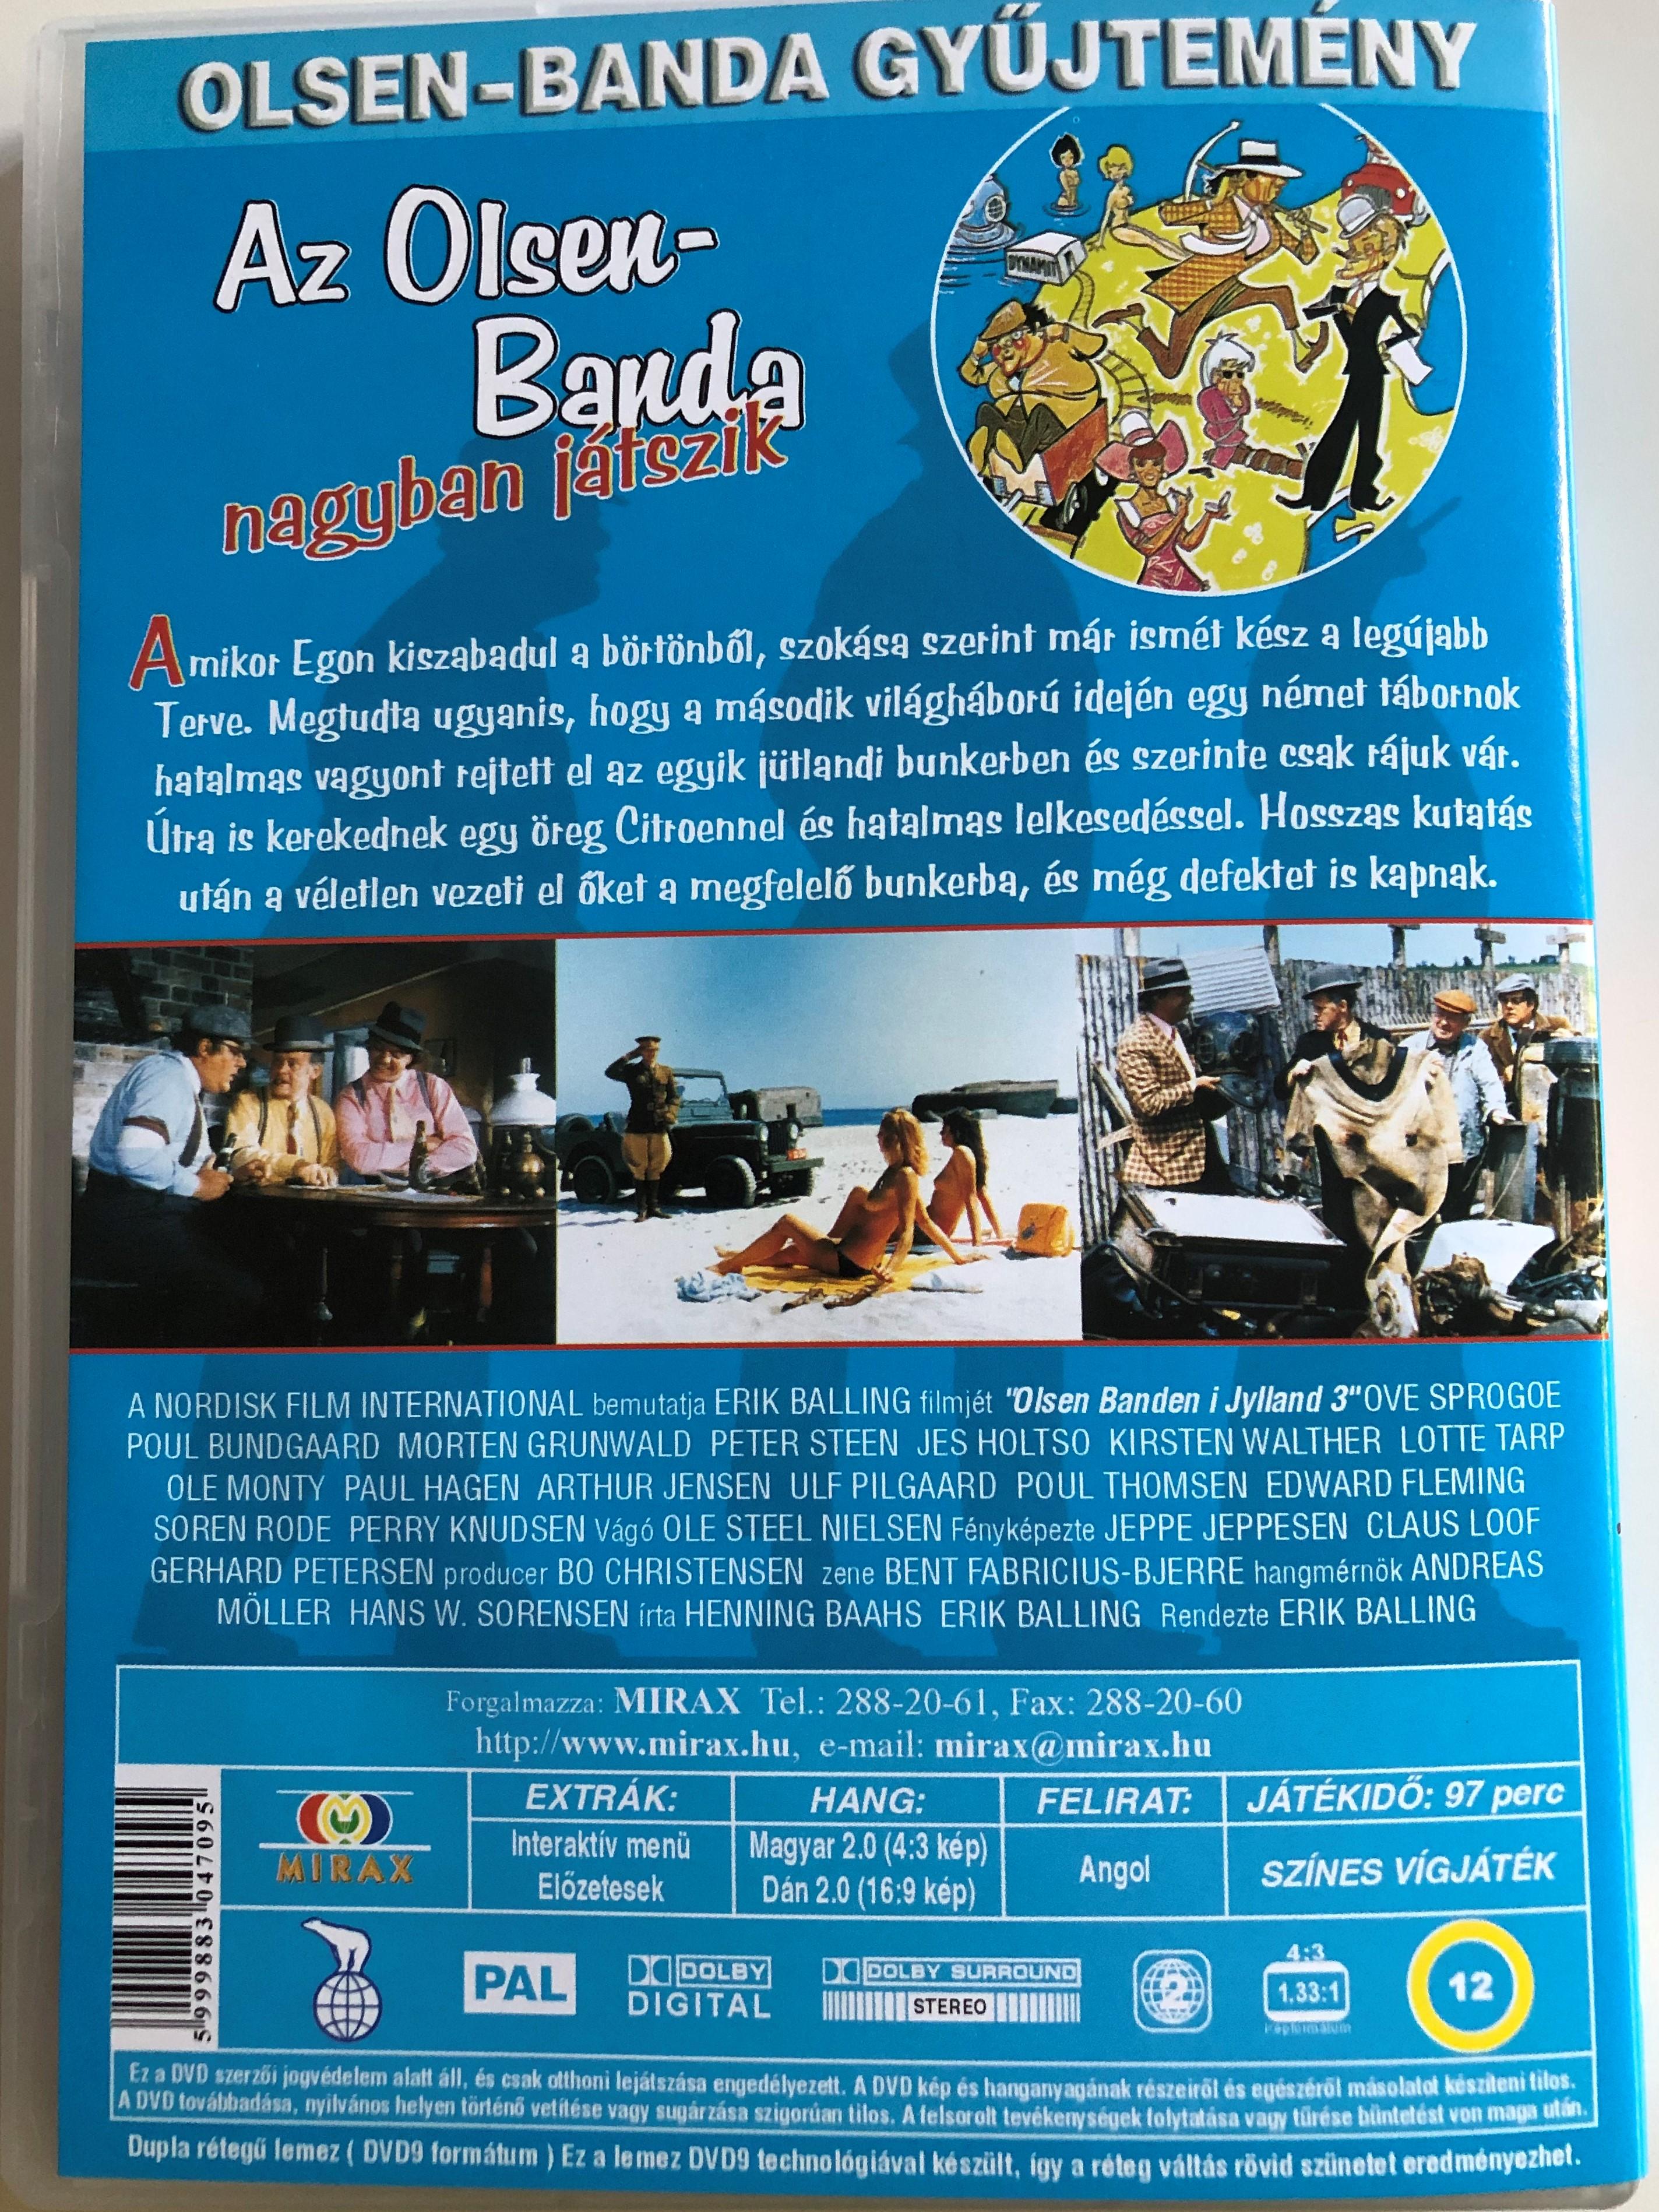 olsen-banden-i-jylland-3-dvd-1971-az-olsen-banda-nagyban-j-tszik-directed-by-erik-balling-starring-ove-sprog-e-poul-bundgaard-morten-grunwald-peter-steen-jes-holtso-olsen-gang-collection-3.-2-.jpg